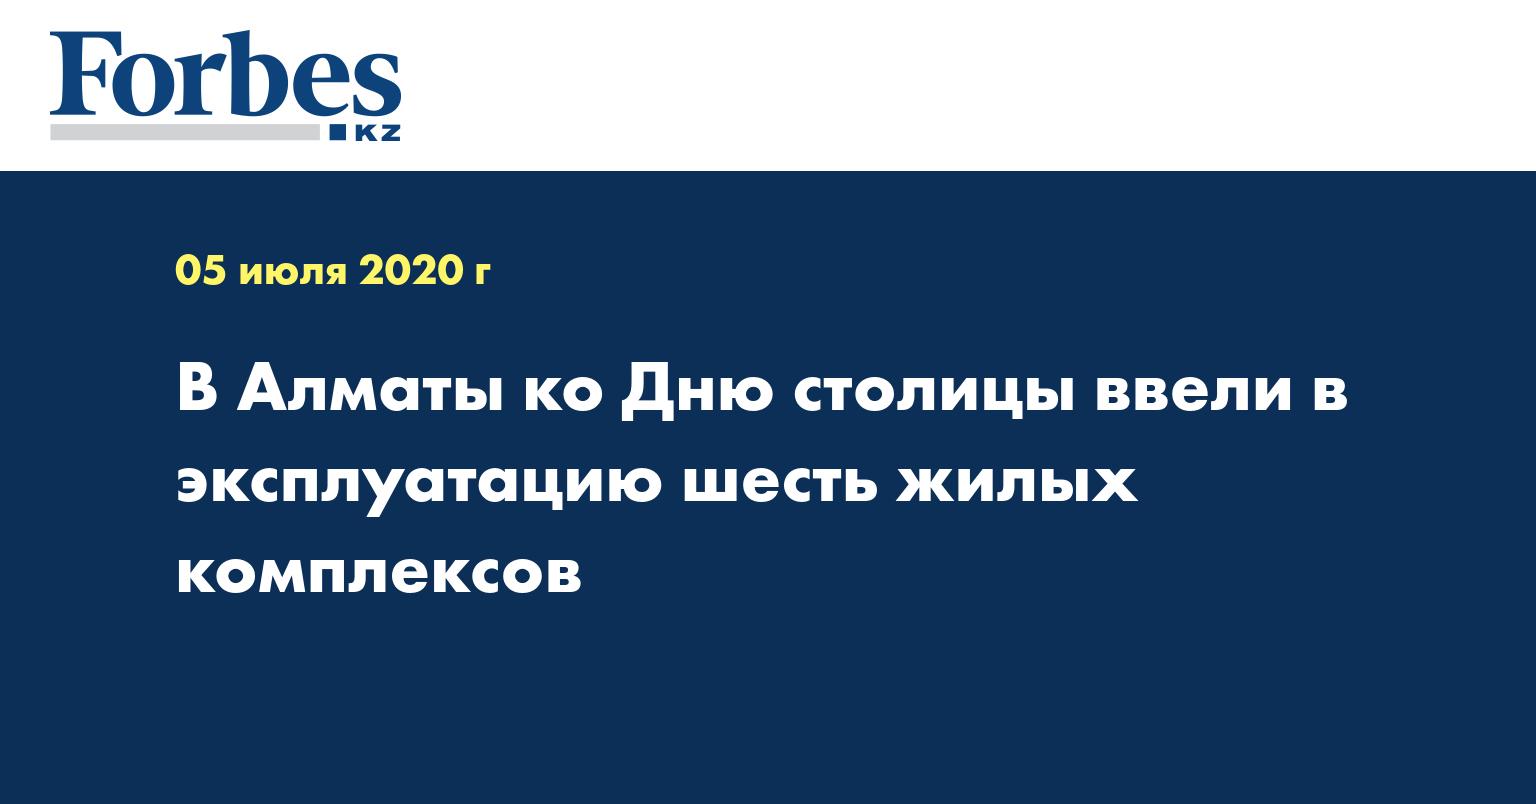 В Алматы ко Дню столицы ввели в эксплуатацию шесть жилых комплексов